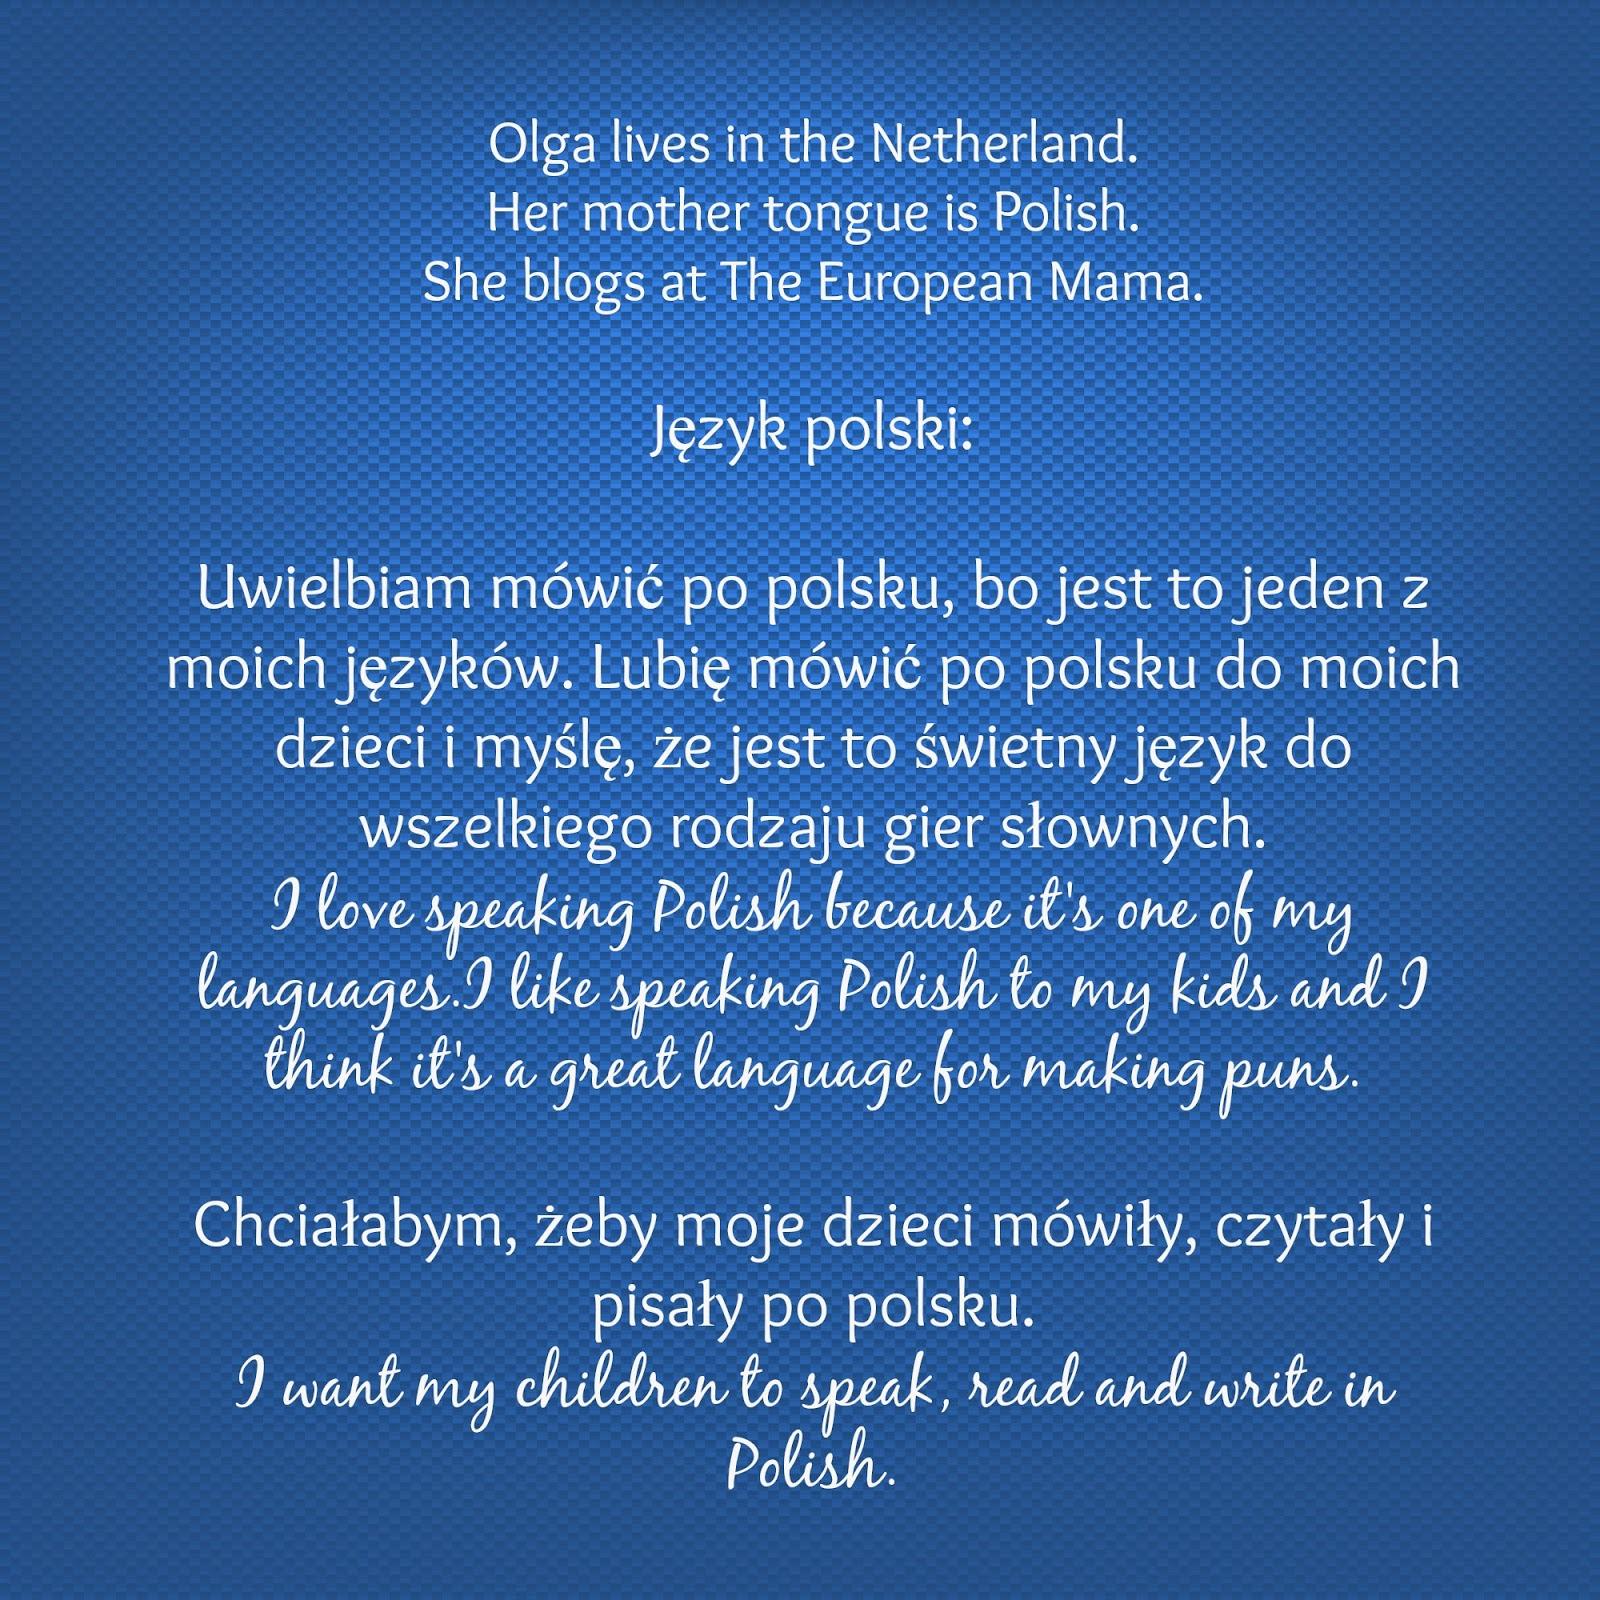 doch po polsku